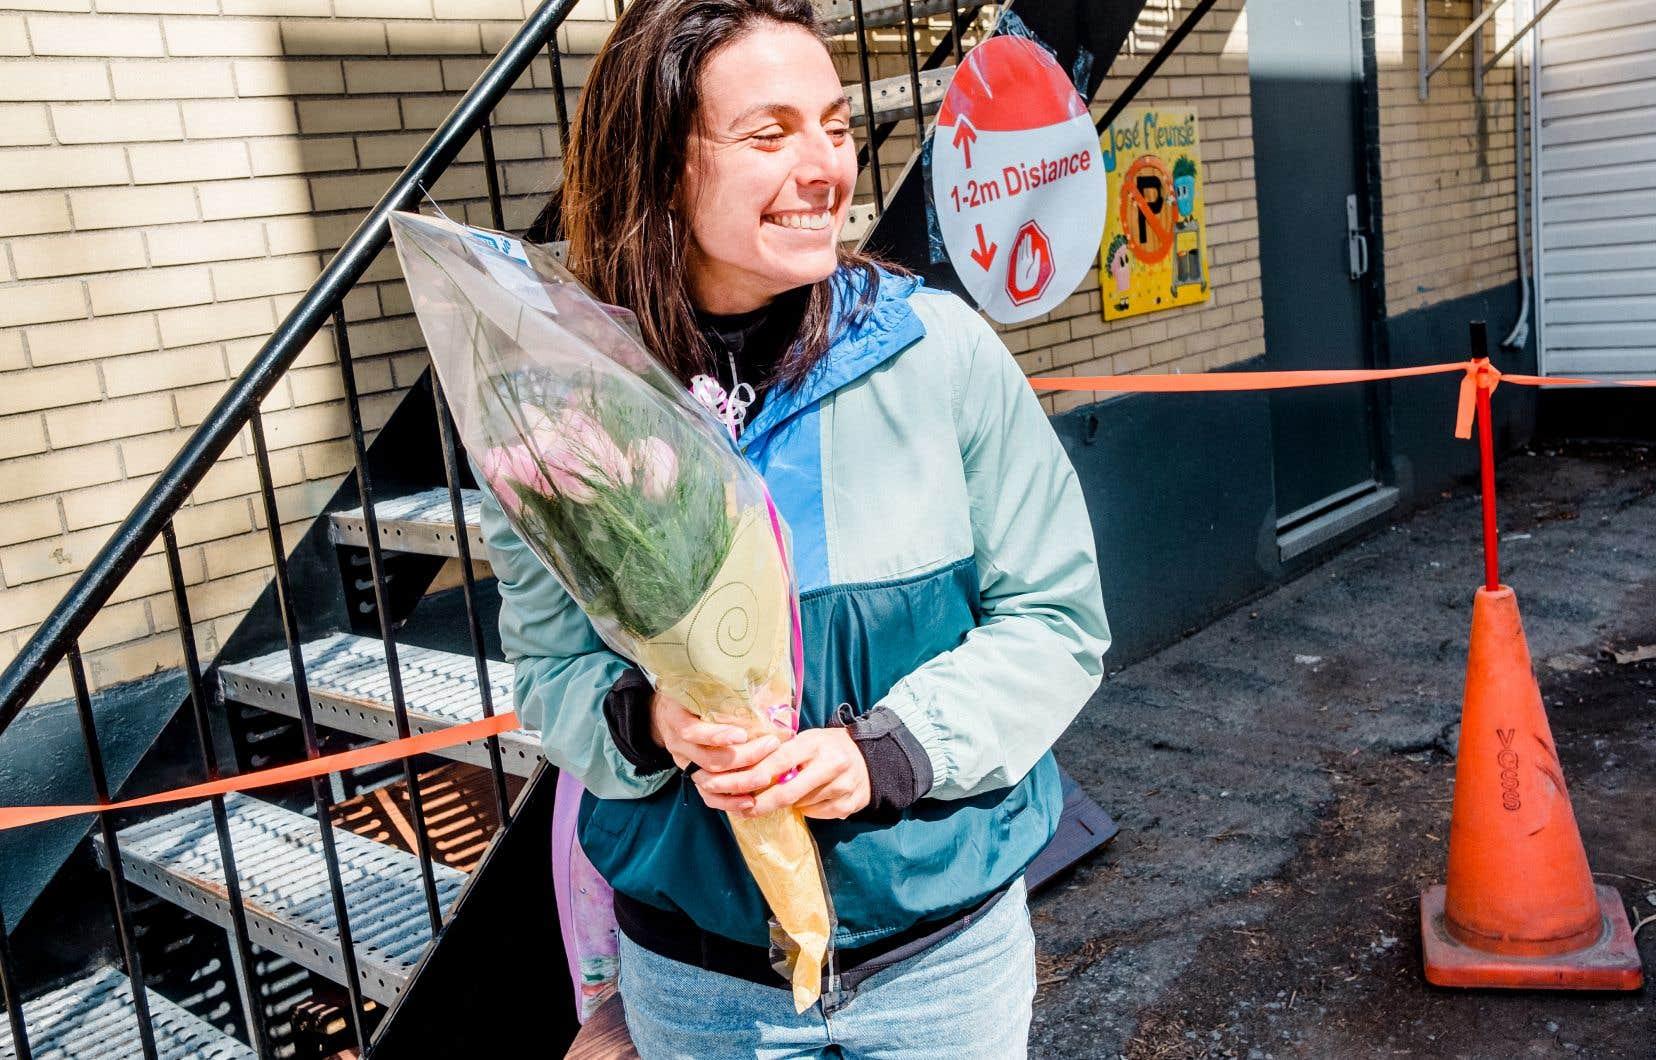 Virginie Leblanc, une intervenante chez Motivaction-Jeunesse, achète des fleurs pour la femme d'un employé de l'usine qui a contracté la maladie et dont la mère est hospitalisée.